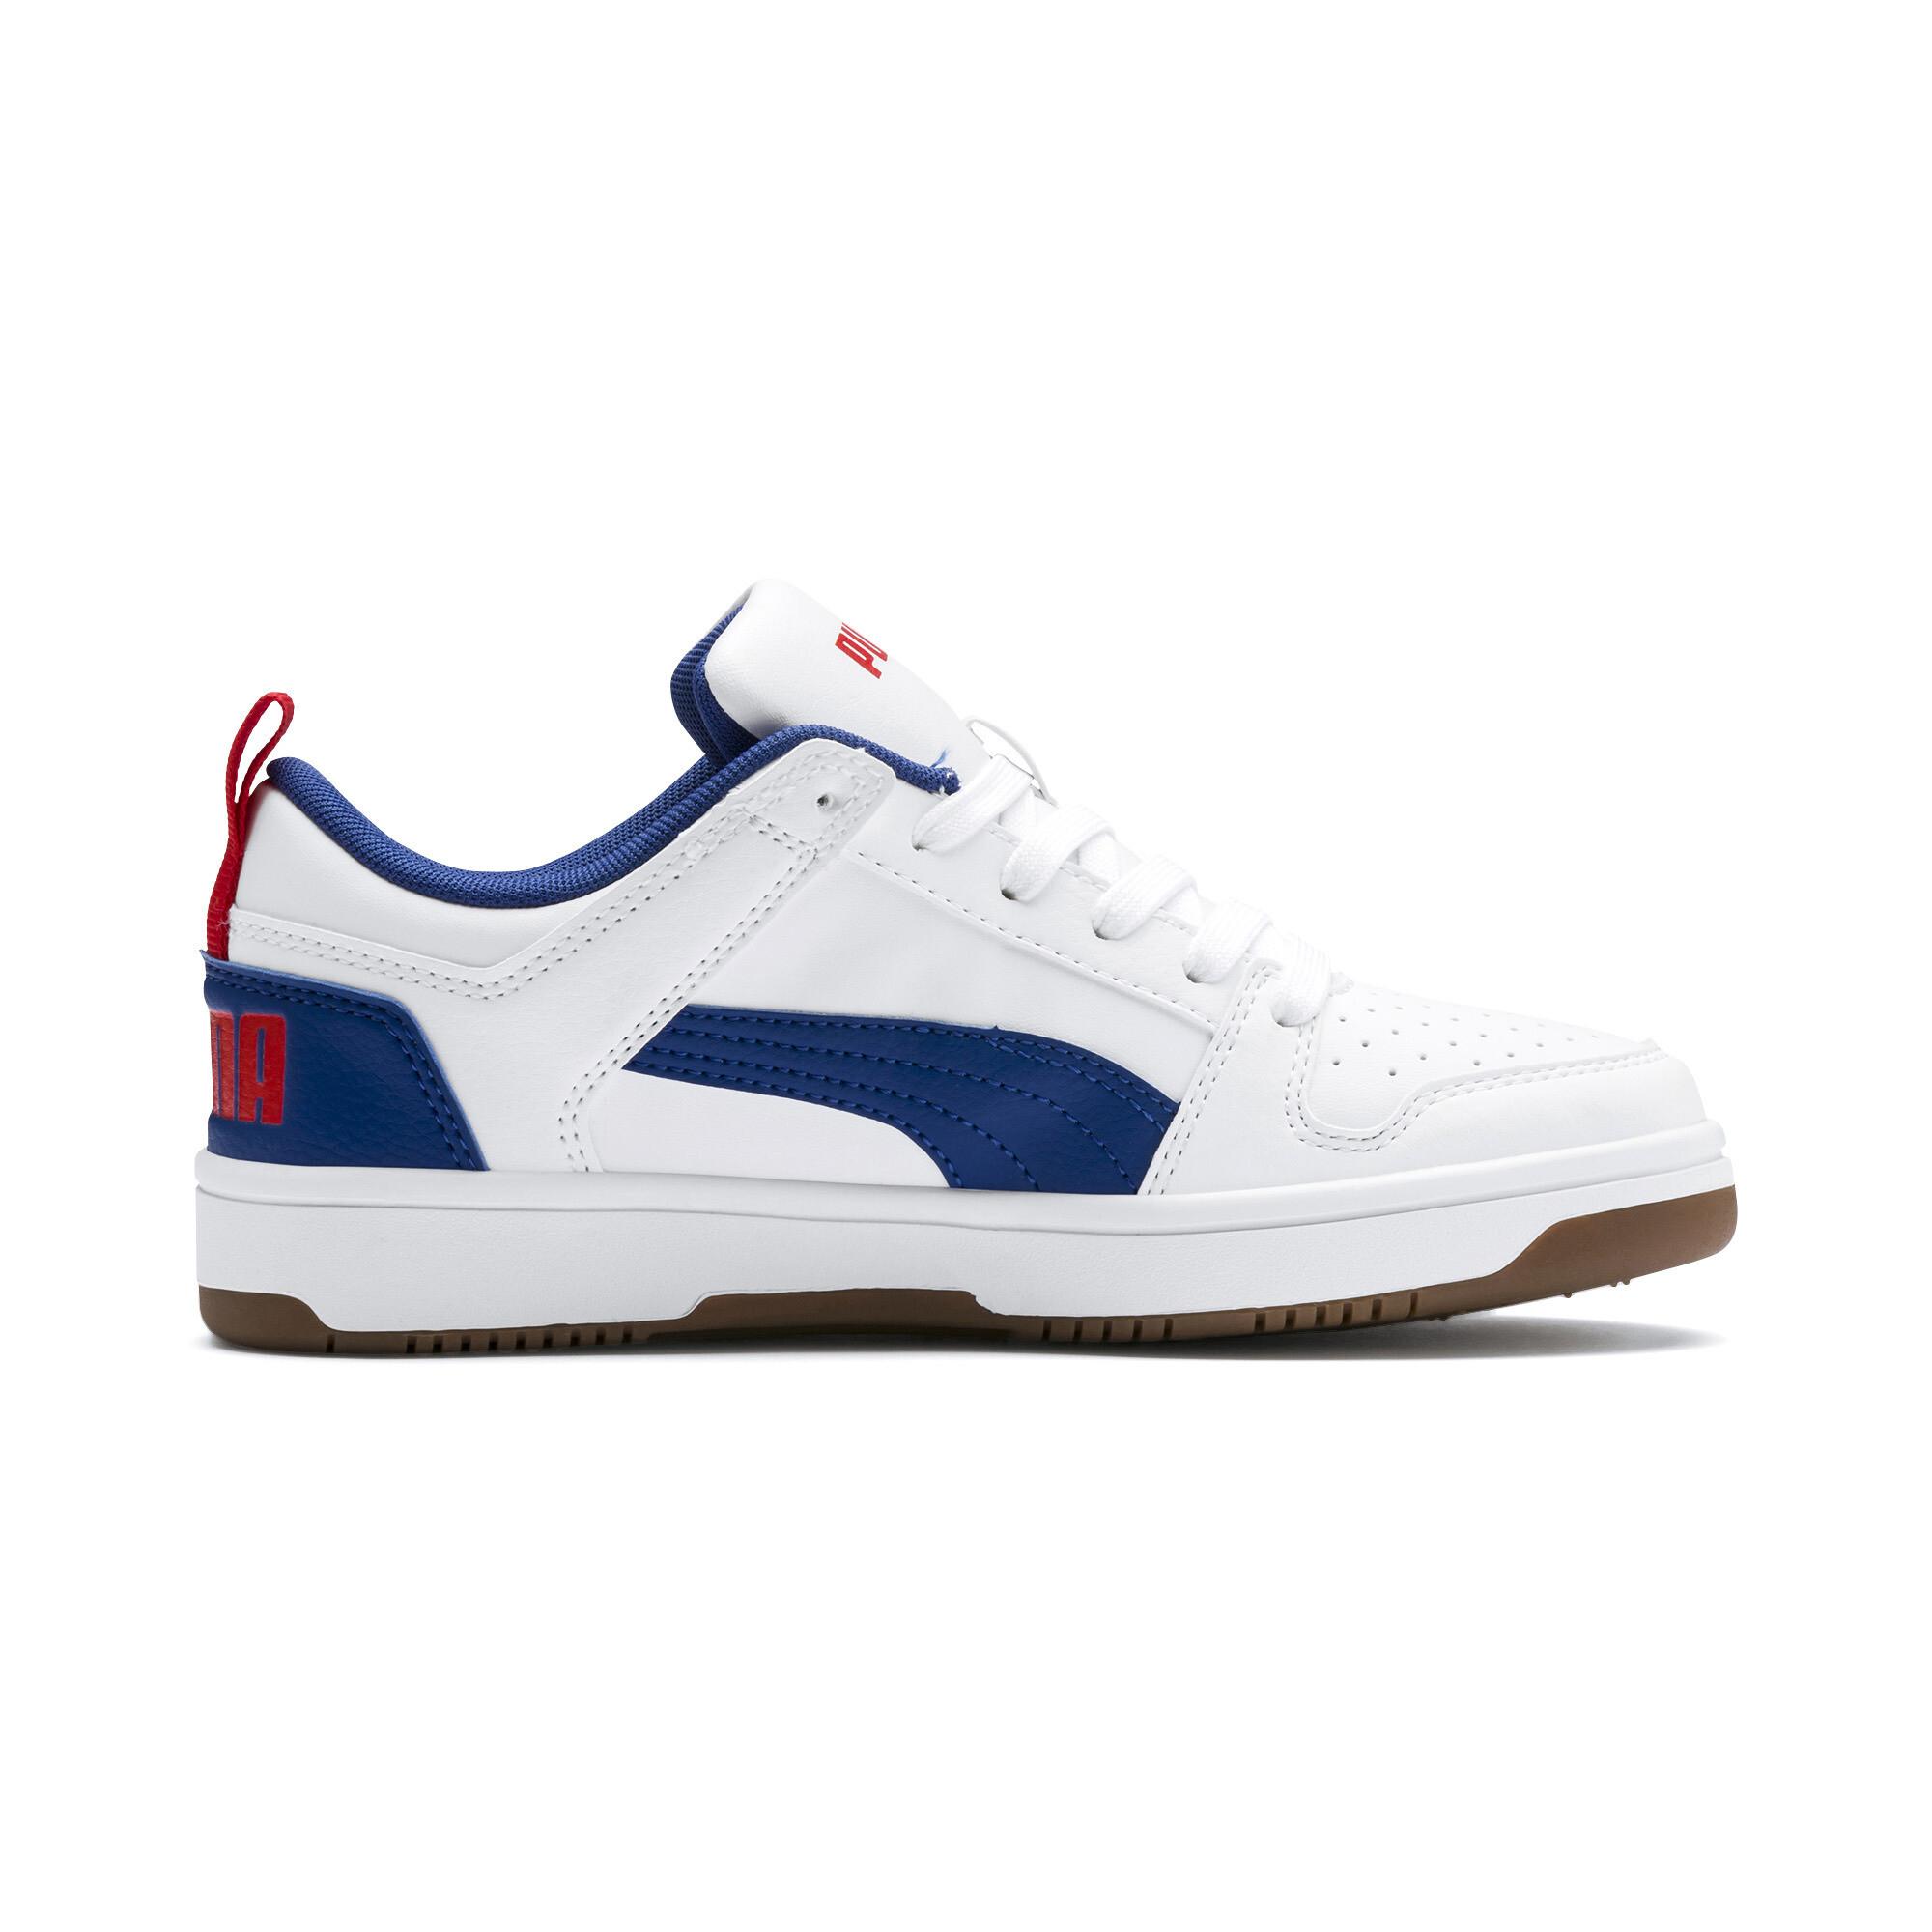 PUMA-PUMA-Rebound-LayUp-Lo-Sneakers-JR-Boys-Shoe-Kids thumbnail 24